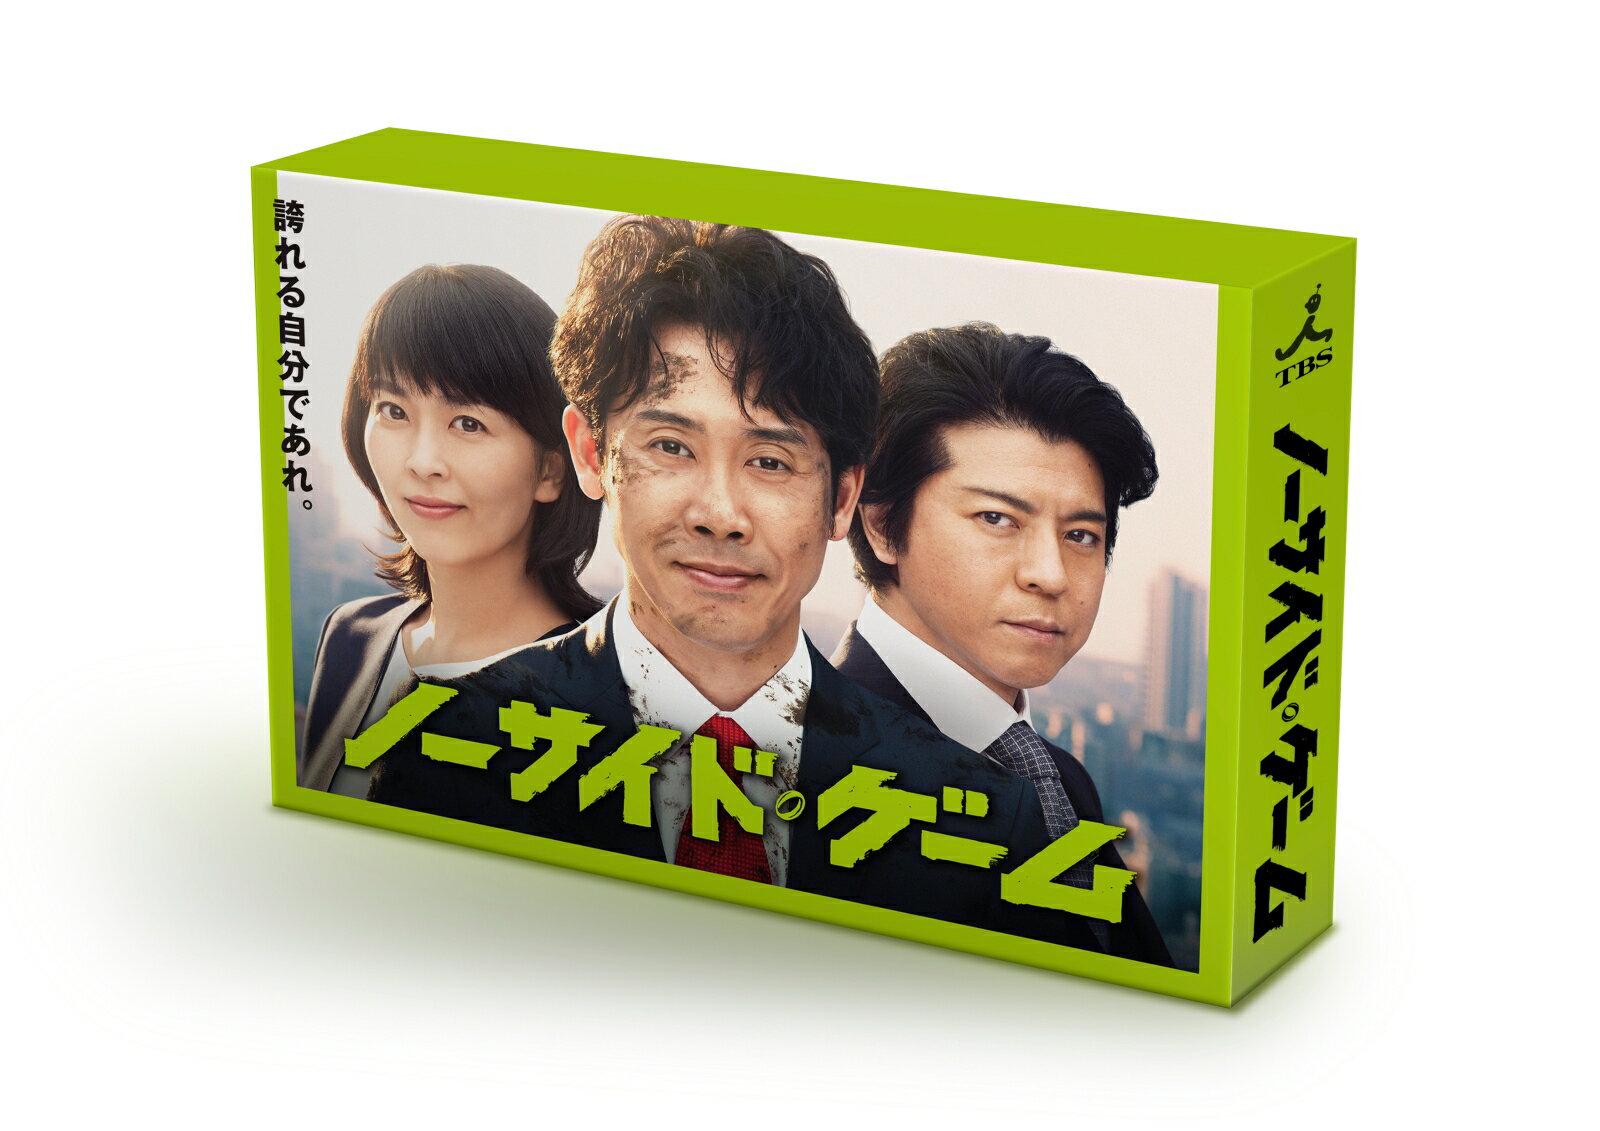 ノーサイド・ゲーム Blu-ray BOX【Blu-ray】